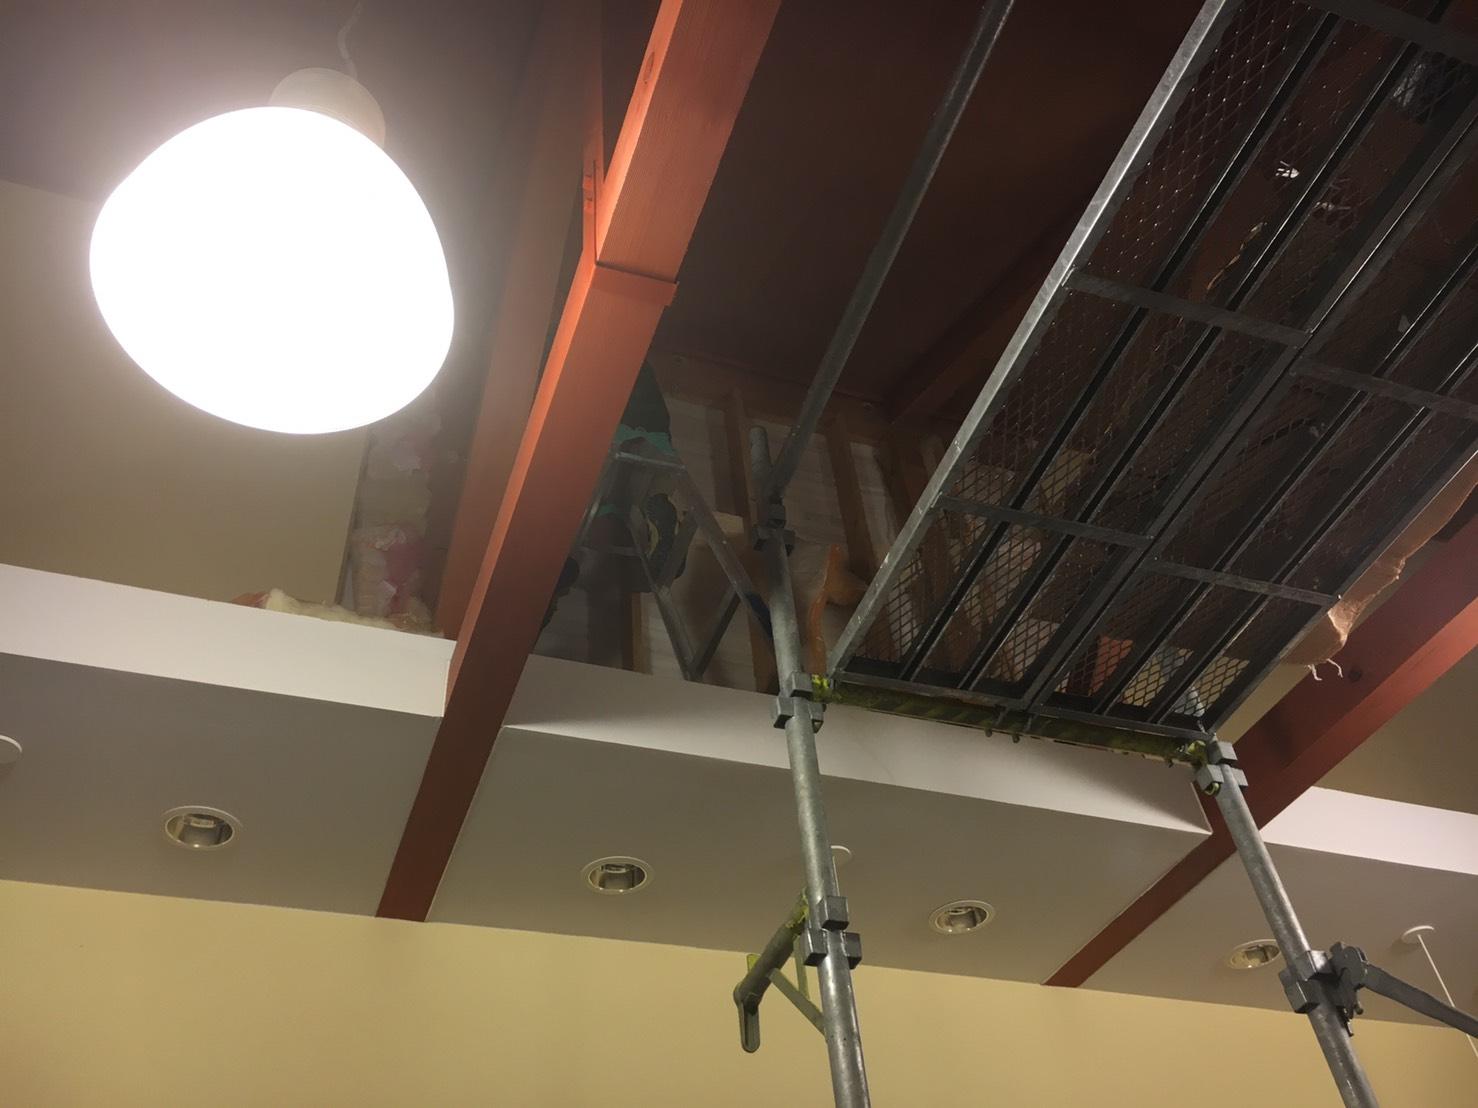 愛知県名古屋市の建築一般工事 リフォーム工事の株式会社松昇の百貨店ボード補修工事